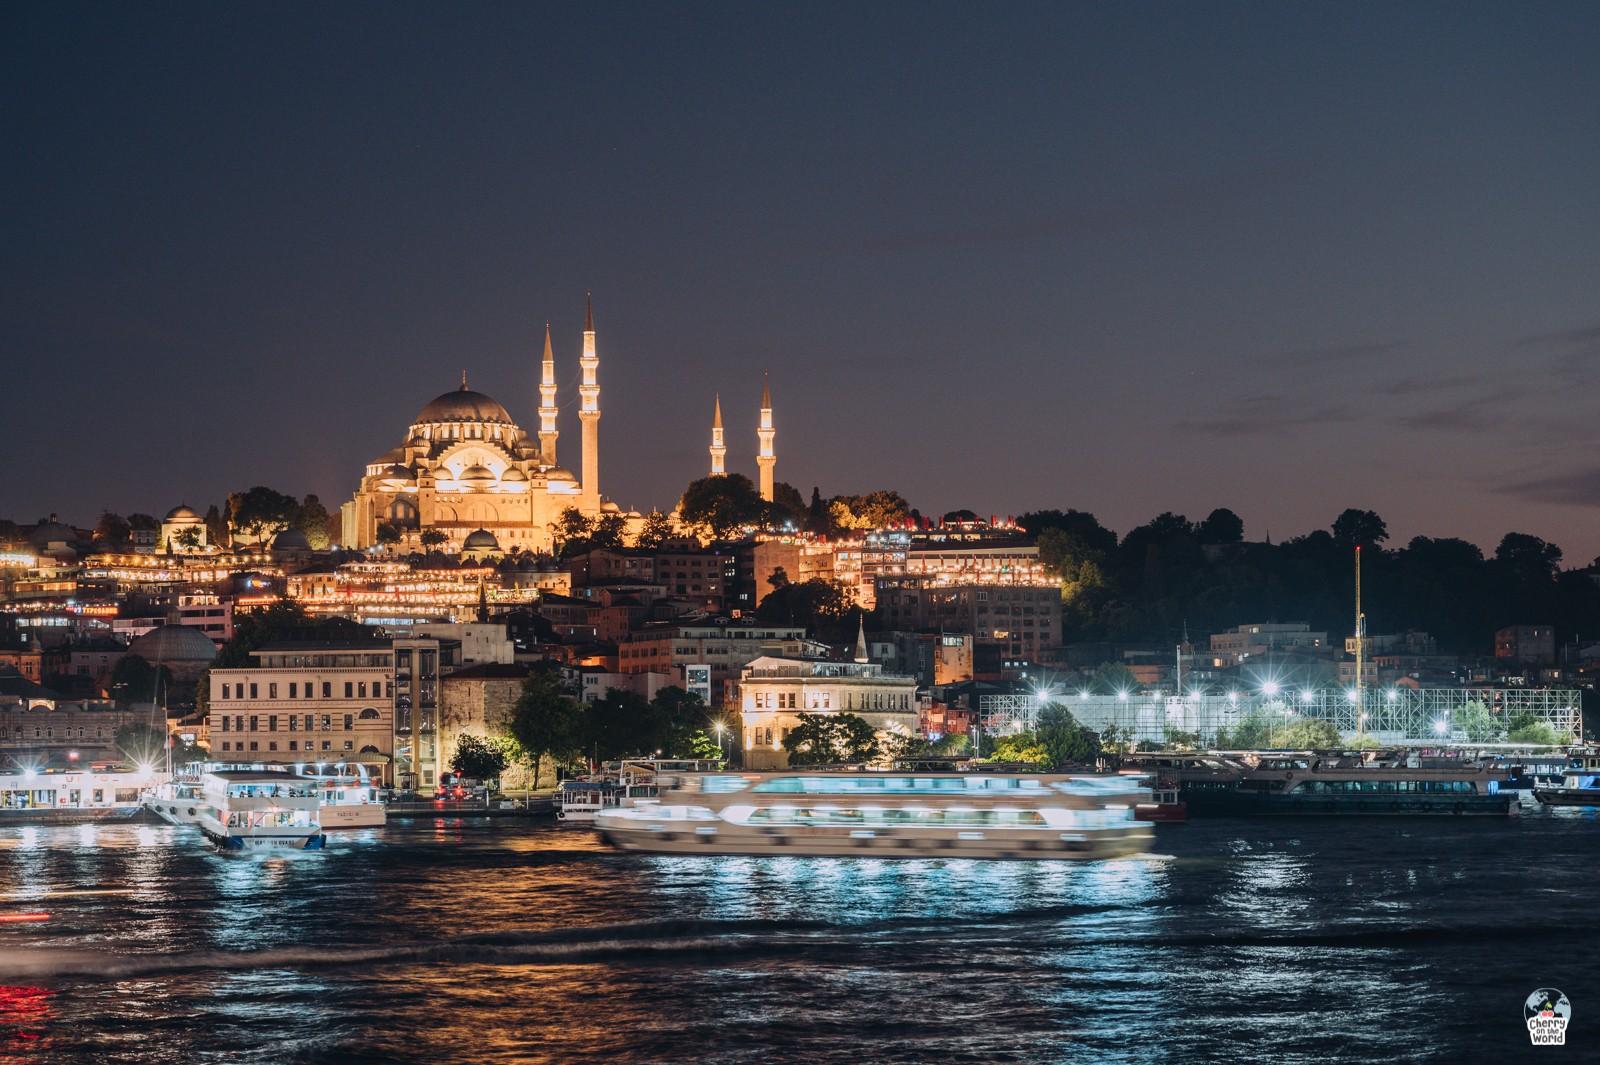 Istanbul - orașul vibrant așezat pe 2 continente